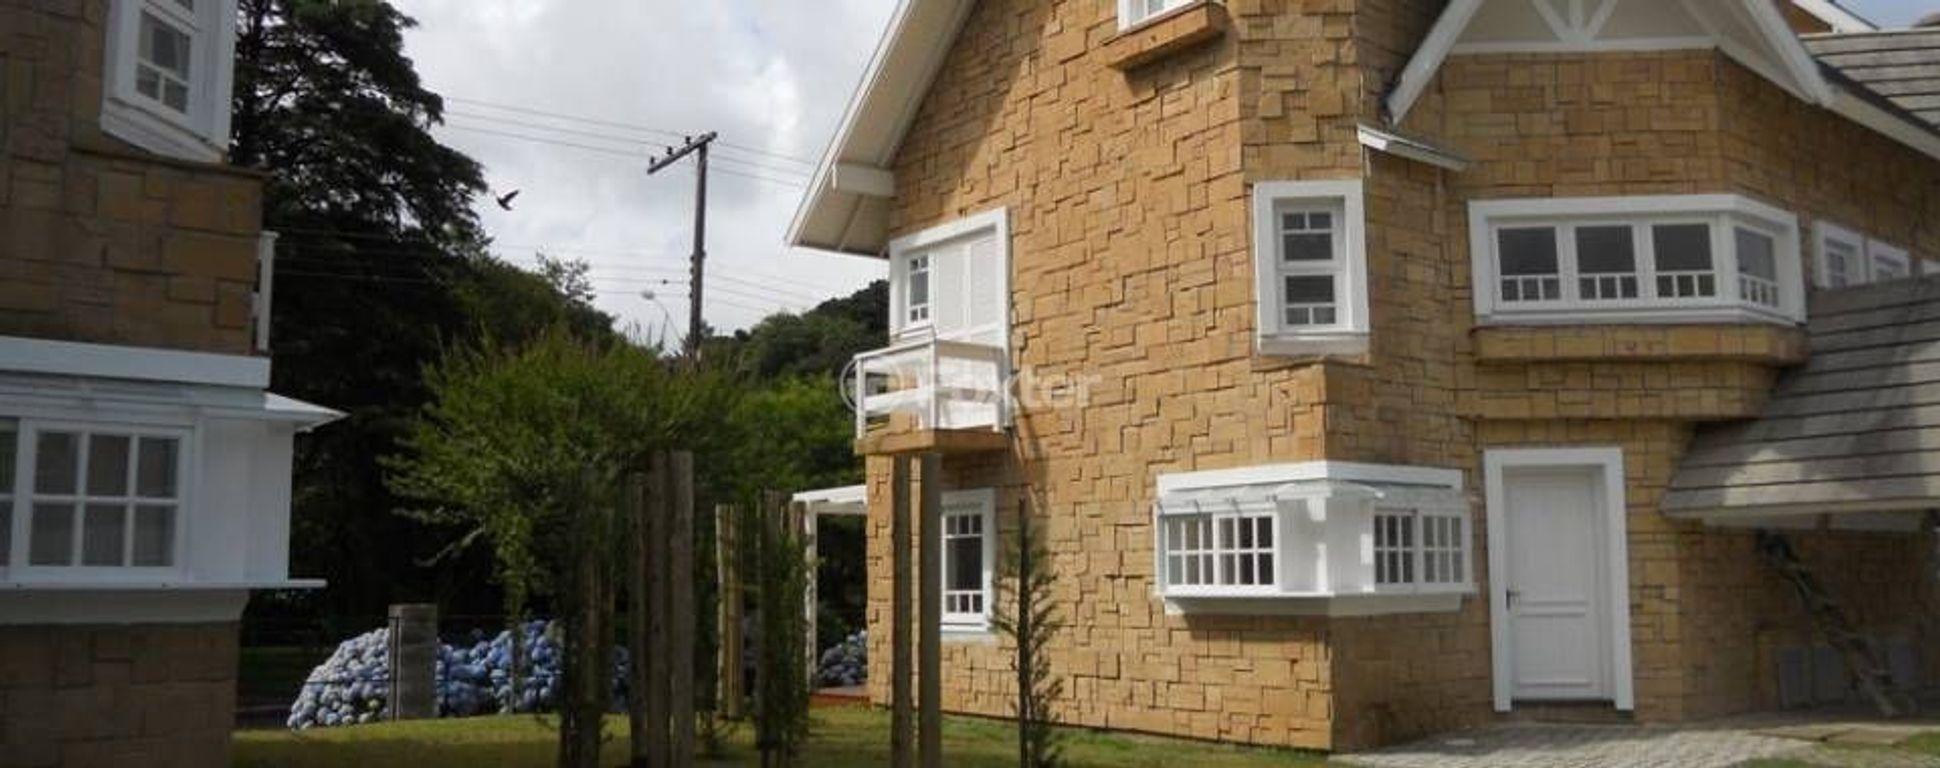 Casa 2 Dorm, Planalto, Gramado (124622) - Foto 3